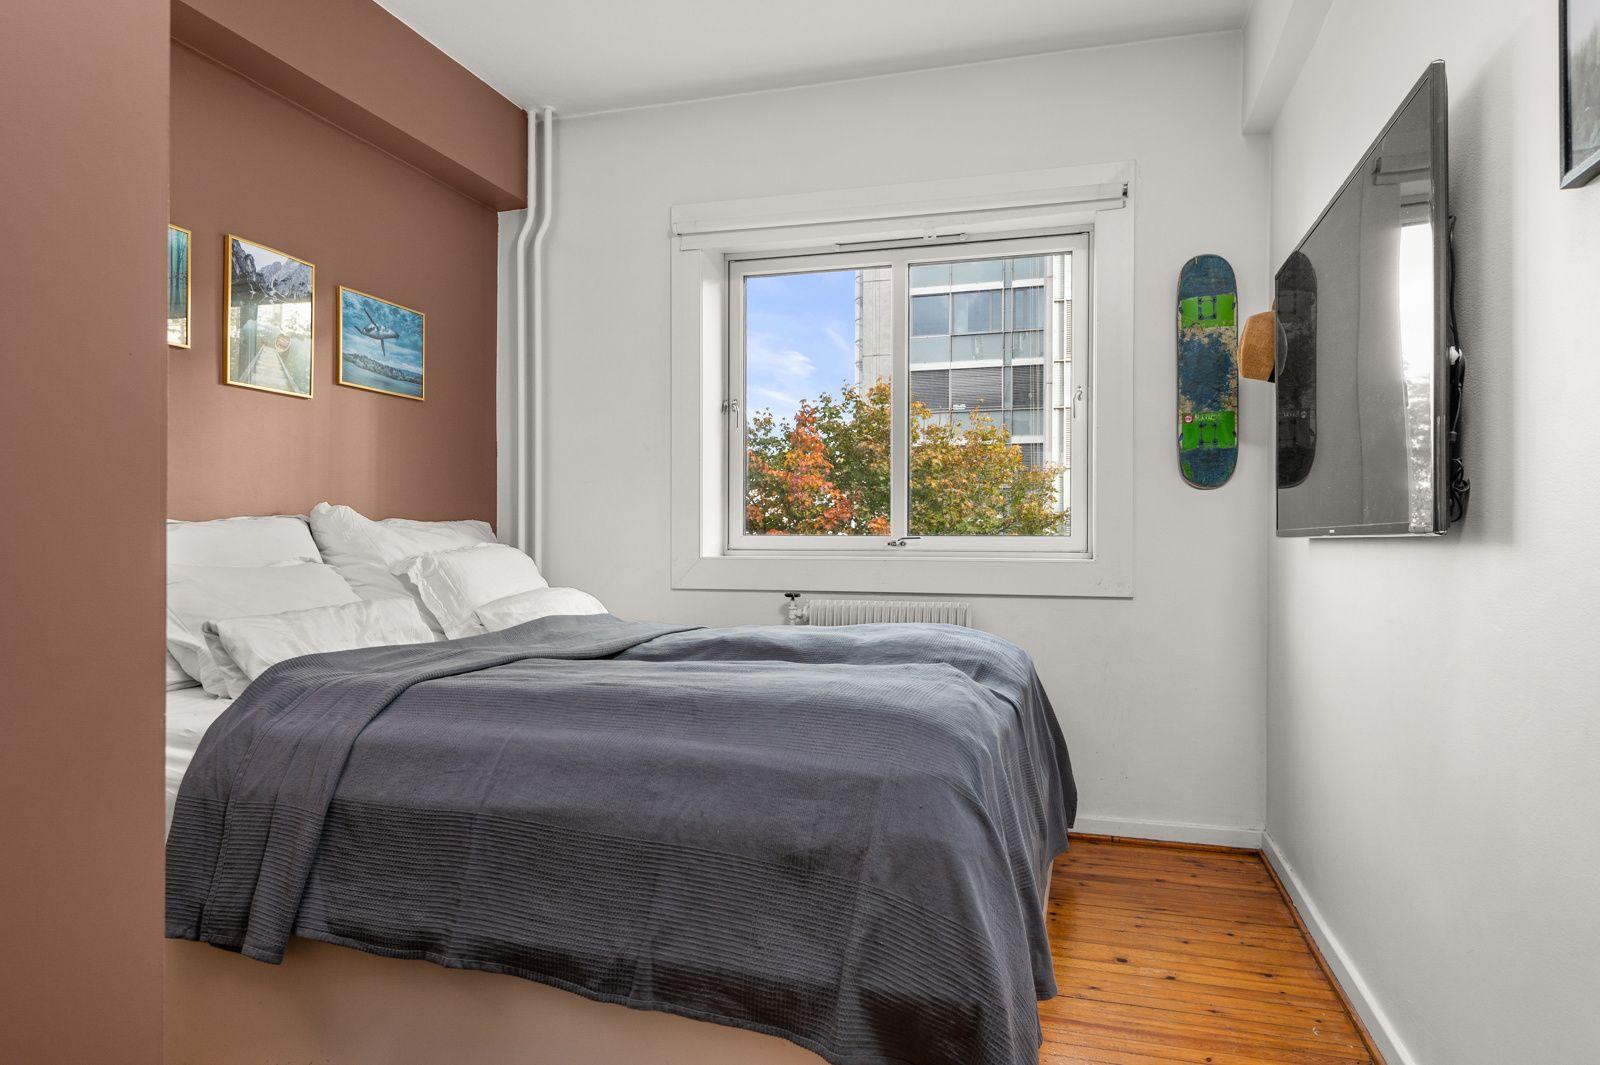 Sannergata 5C Romslig soverom med god plass til dobbeltseng og nattbord.